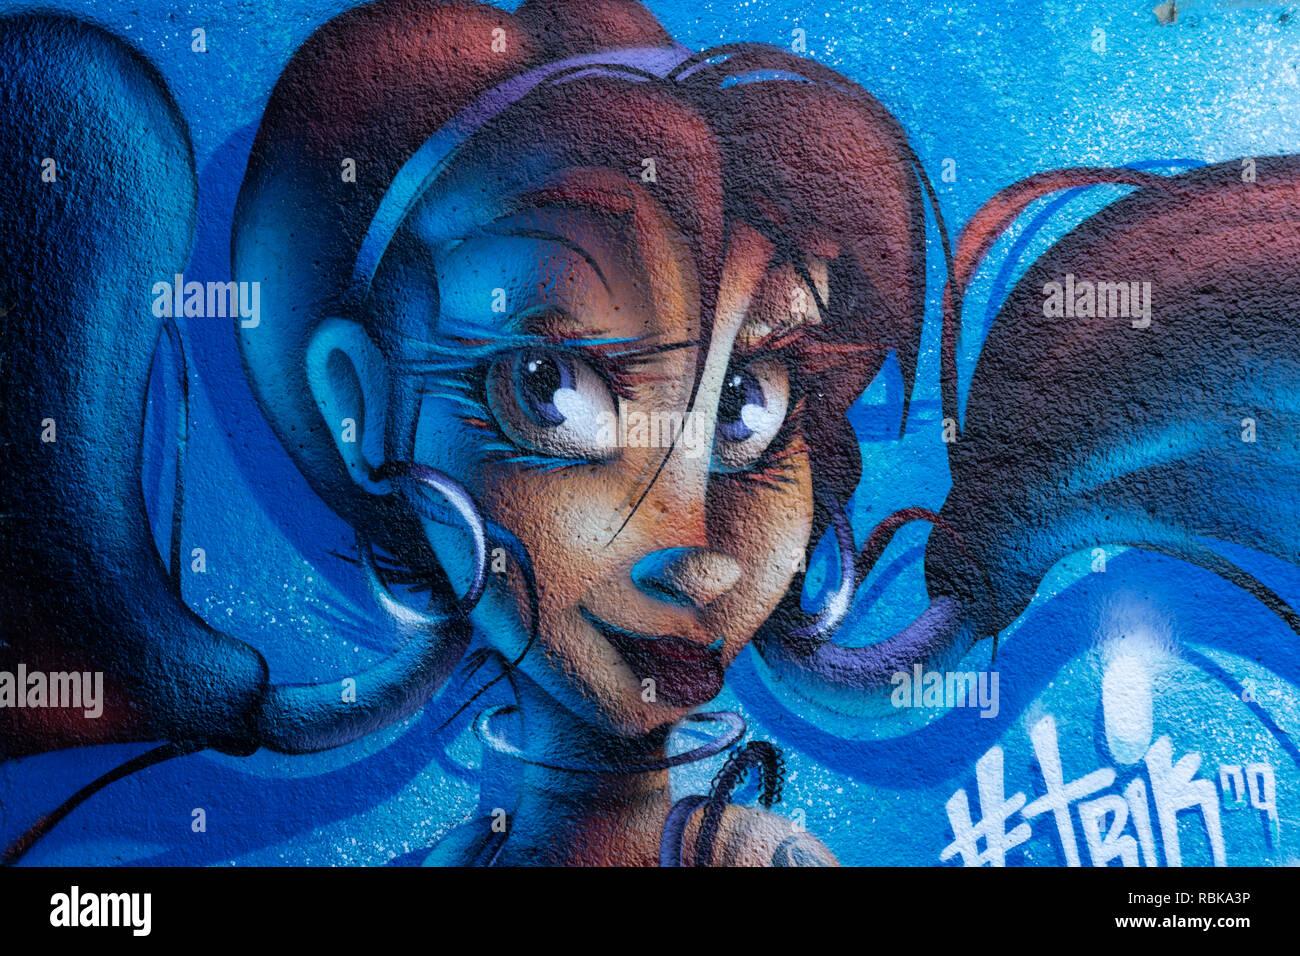 Cartone animato come spray viso donna dipinto su un muro lungo un canale a Leeds, West Yorkshire, Inghilterra. Foto Stock